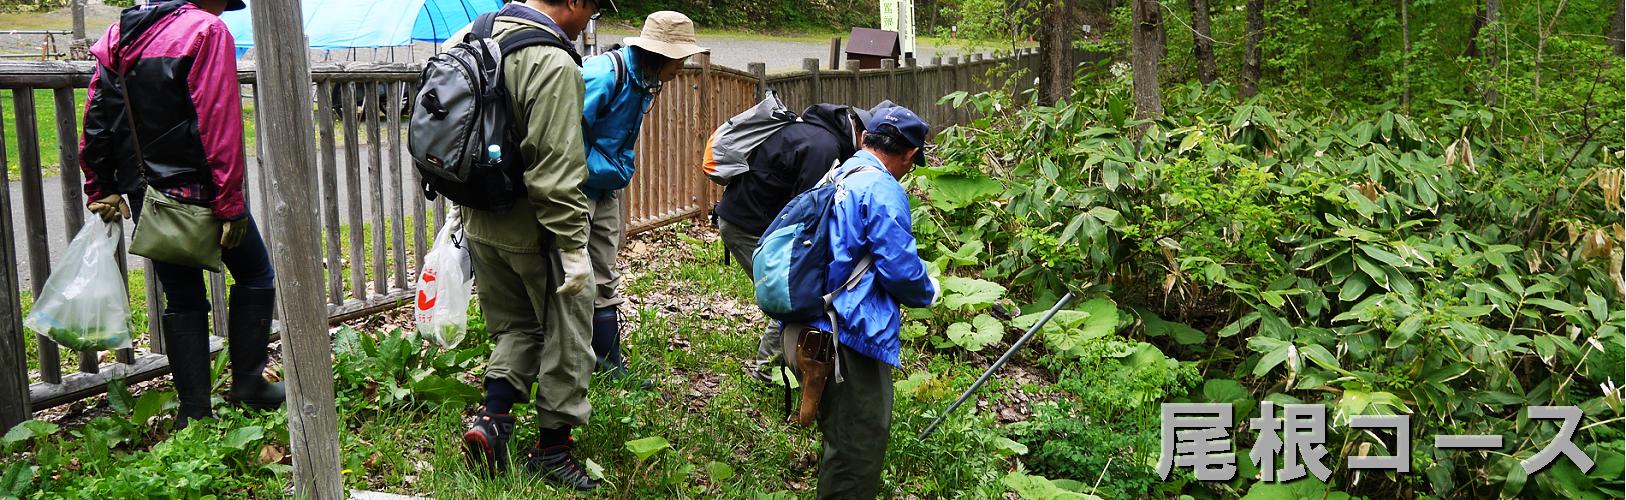 自然散策-尾根コース